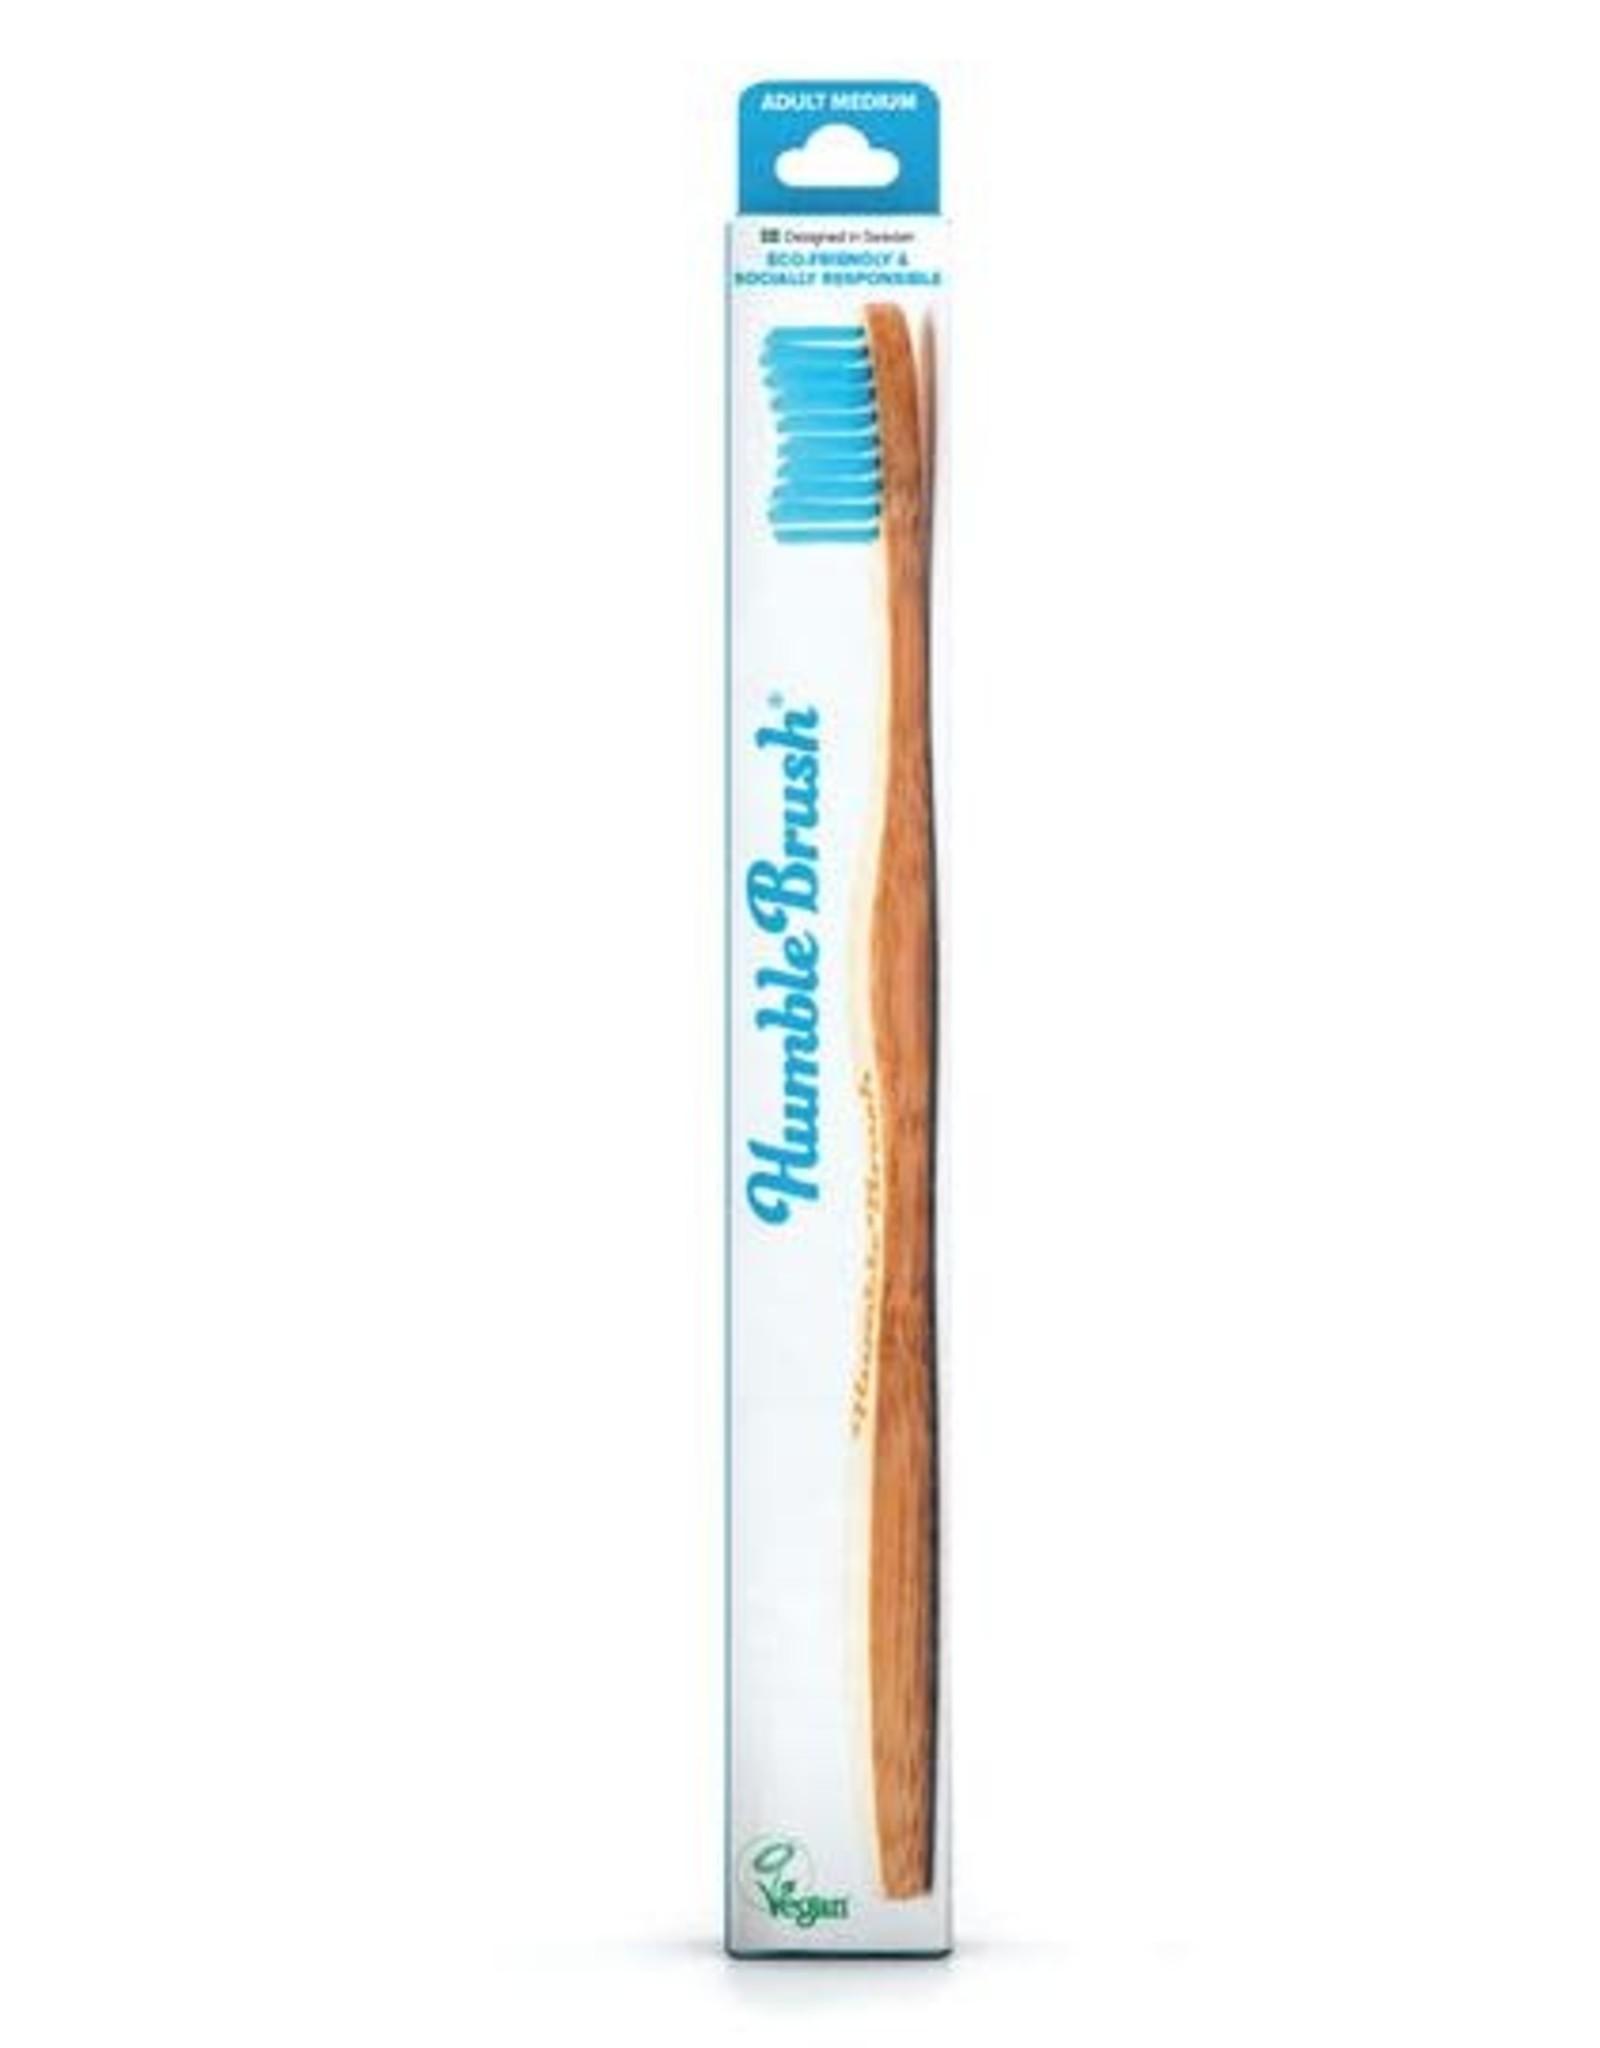 The Humble Co. Humble Brush Toothbrush Blue Medium